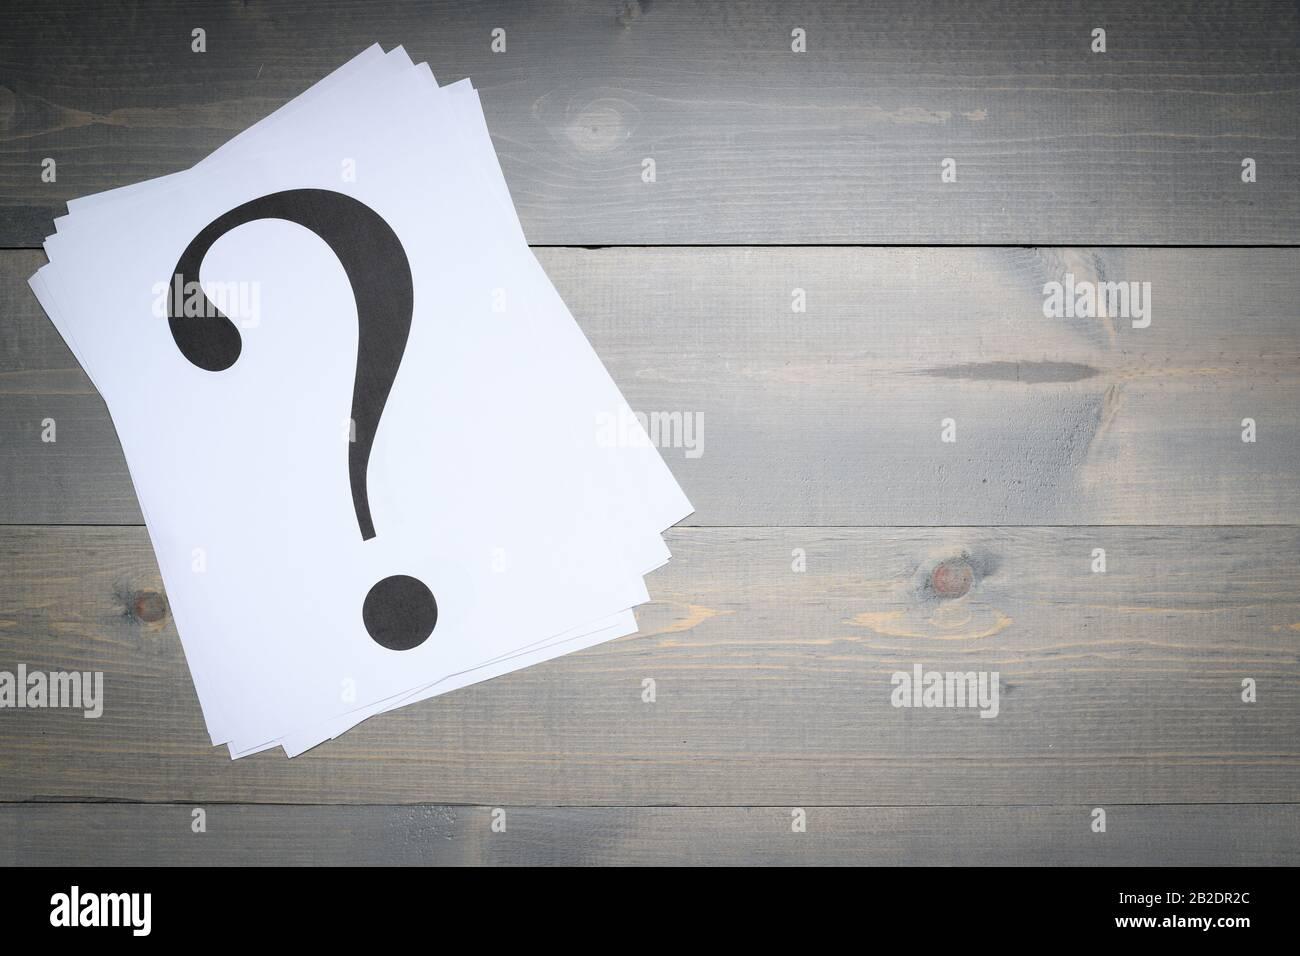 Pile de points d'interrogation imprimée sur du papier blanc sur fond gris Banque D'Images